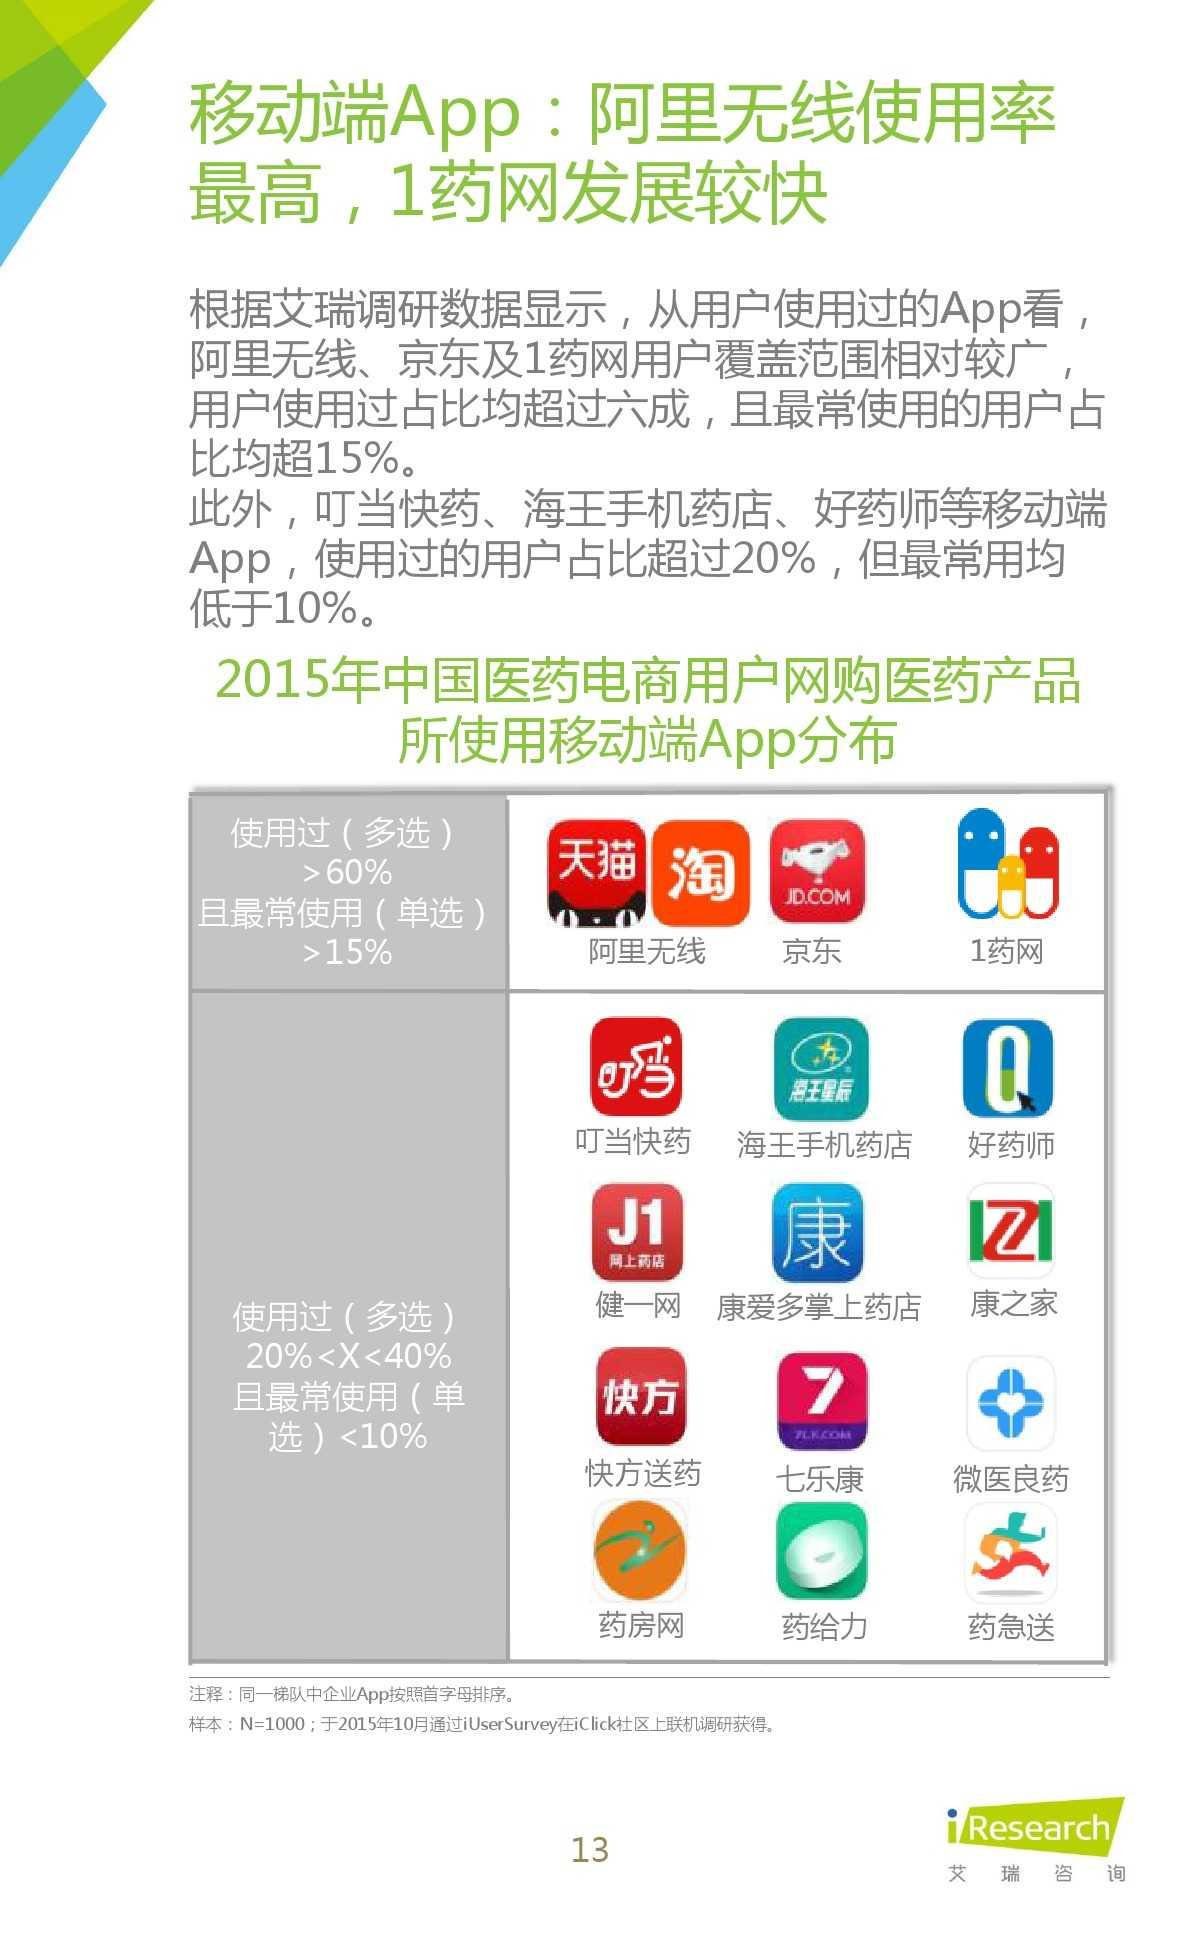 2015年中国医药电商用户行为研究报告_000013